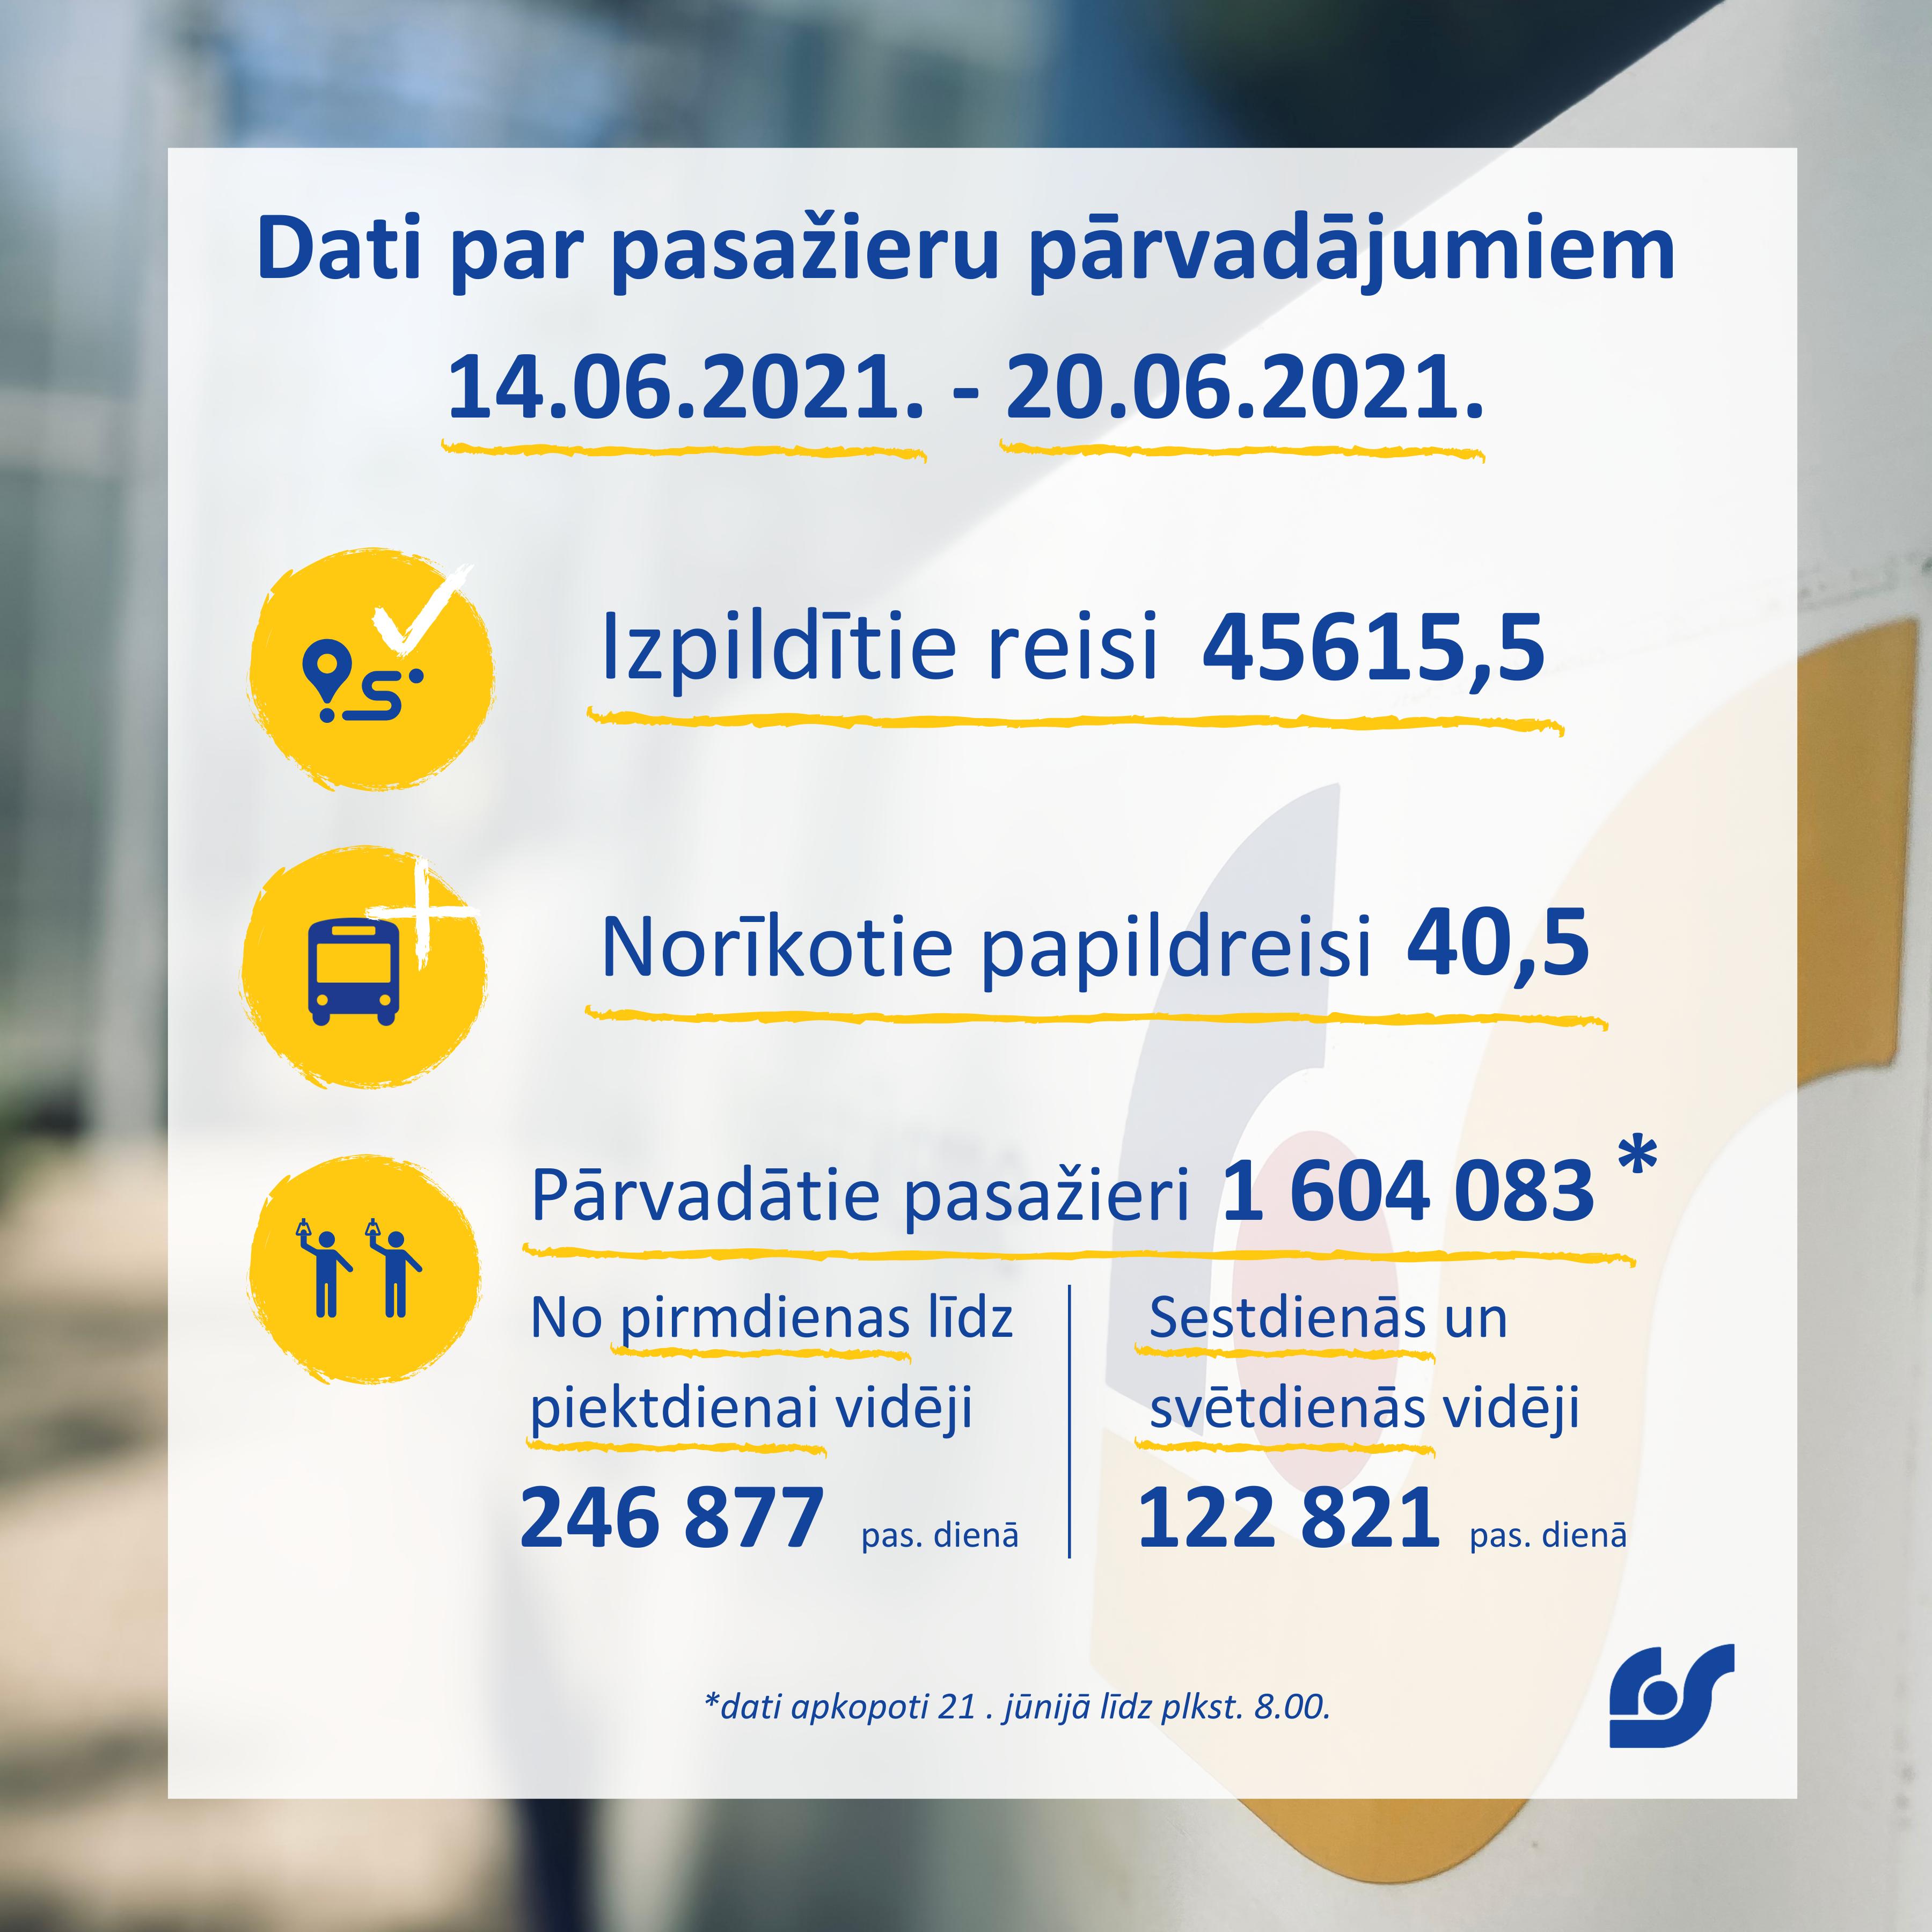 Dati par pasažieru pārvadājumiem (8).png